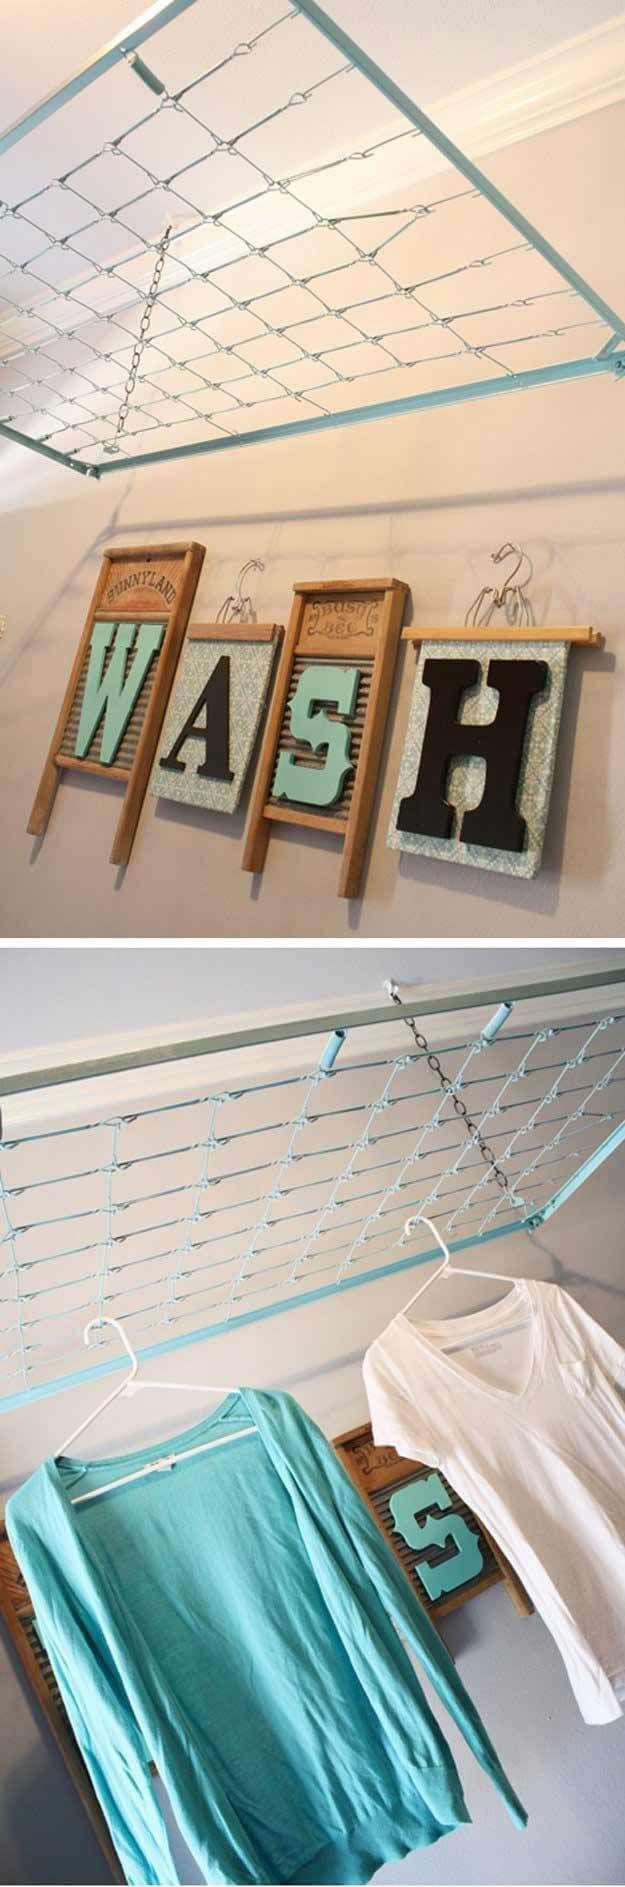 """DIY Washboard """"Wash"""" Wall Art"""